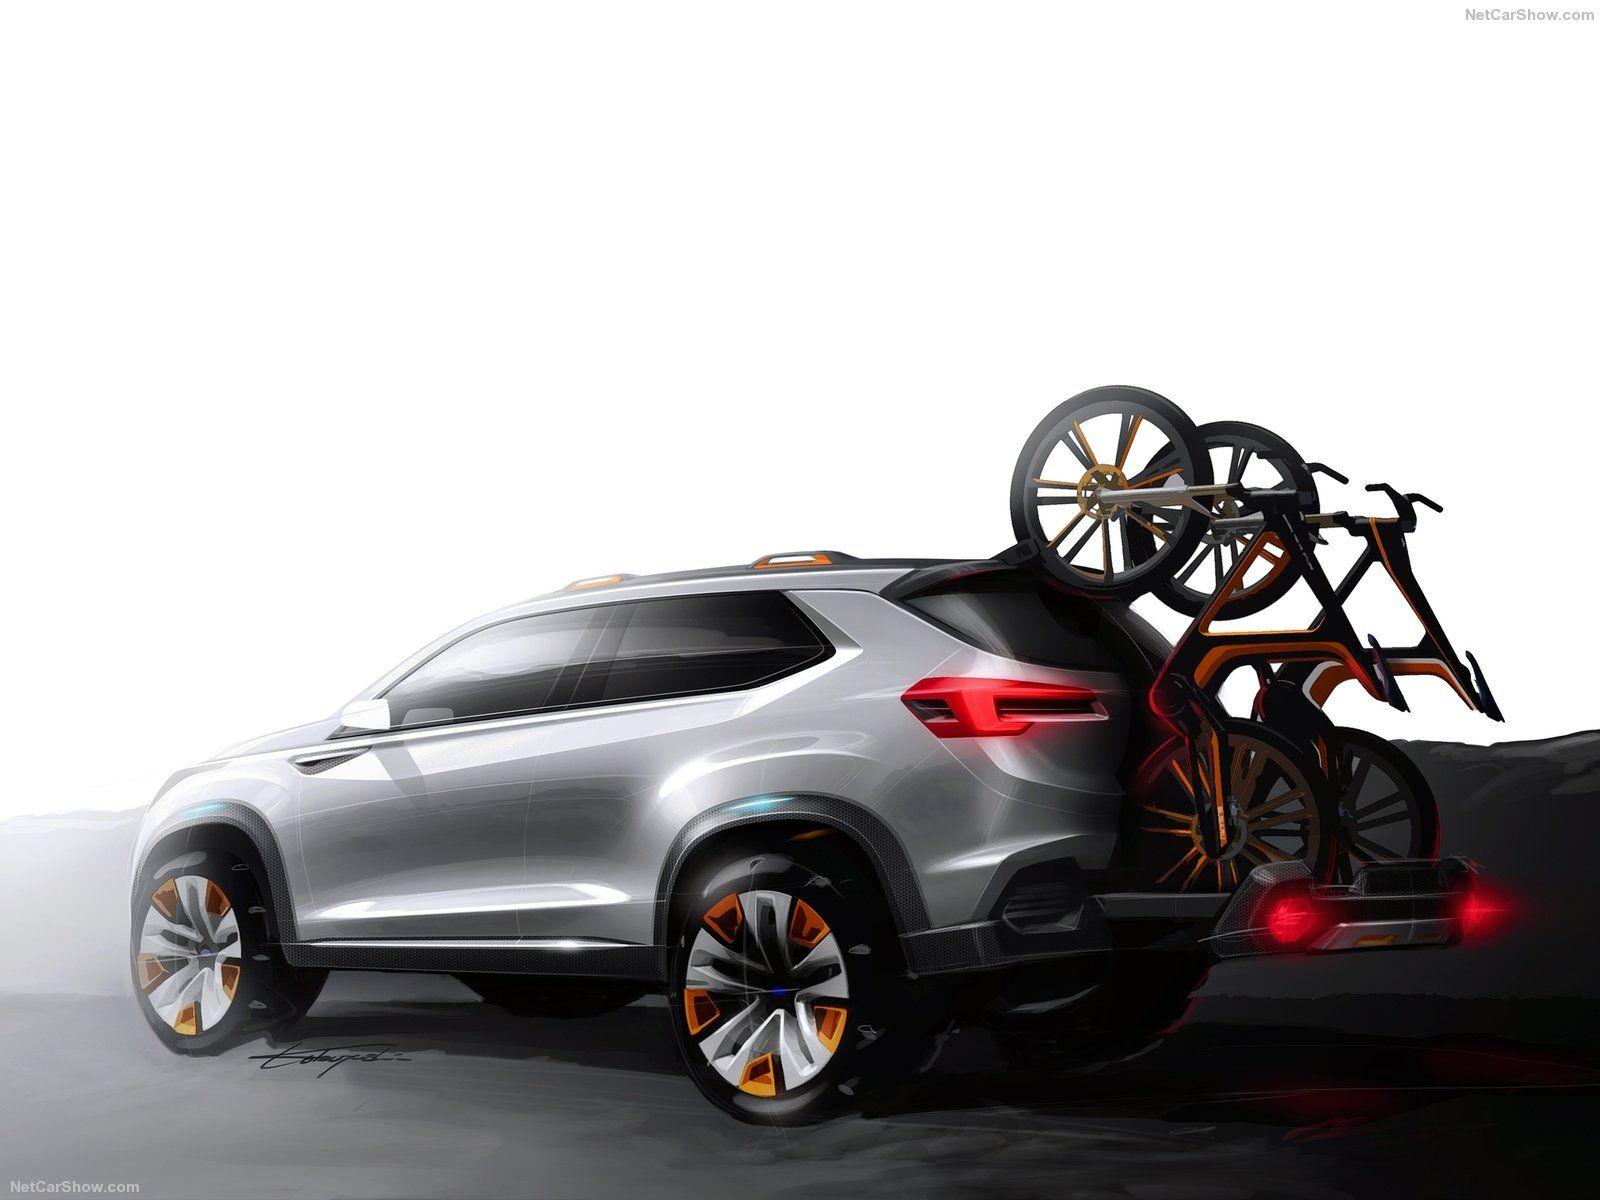 Subaru VIZIV Future Concept 2015 (1600x1200)